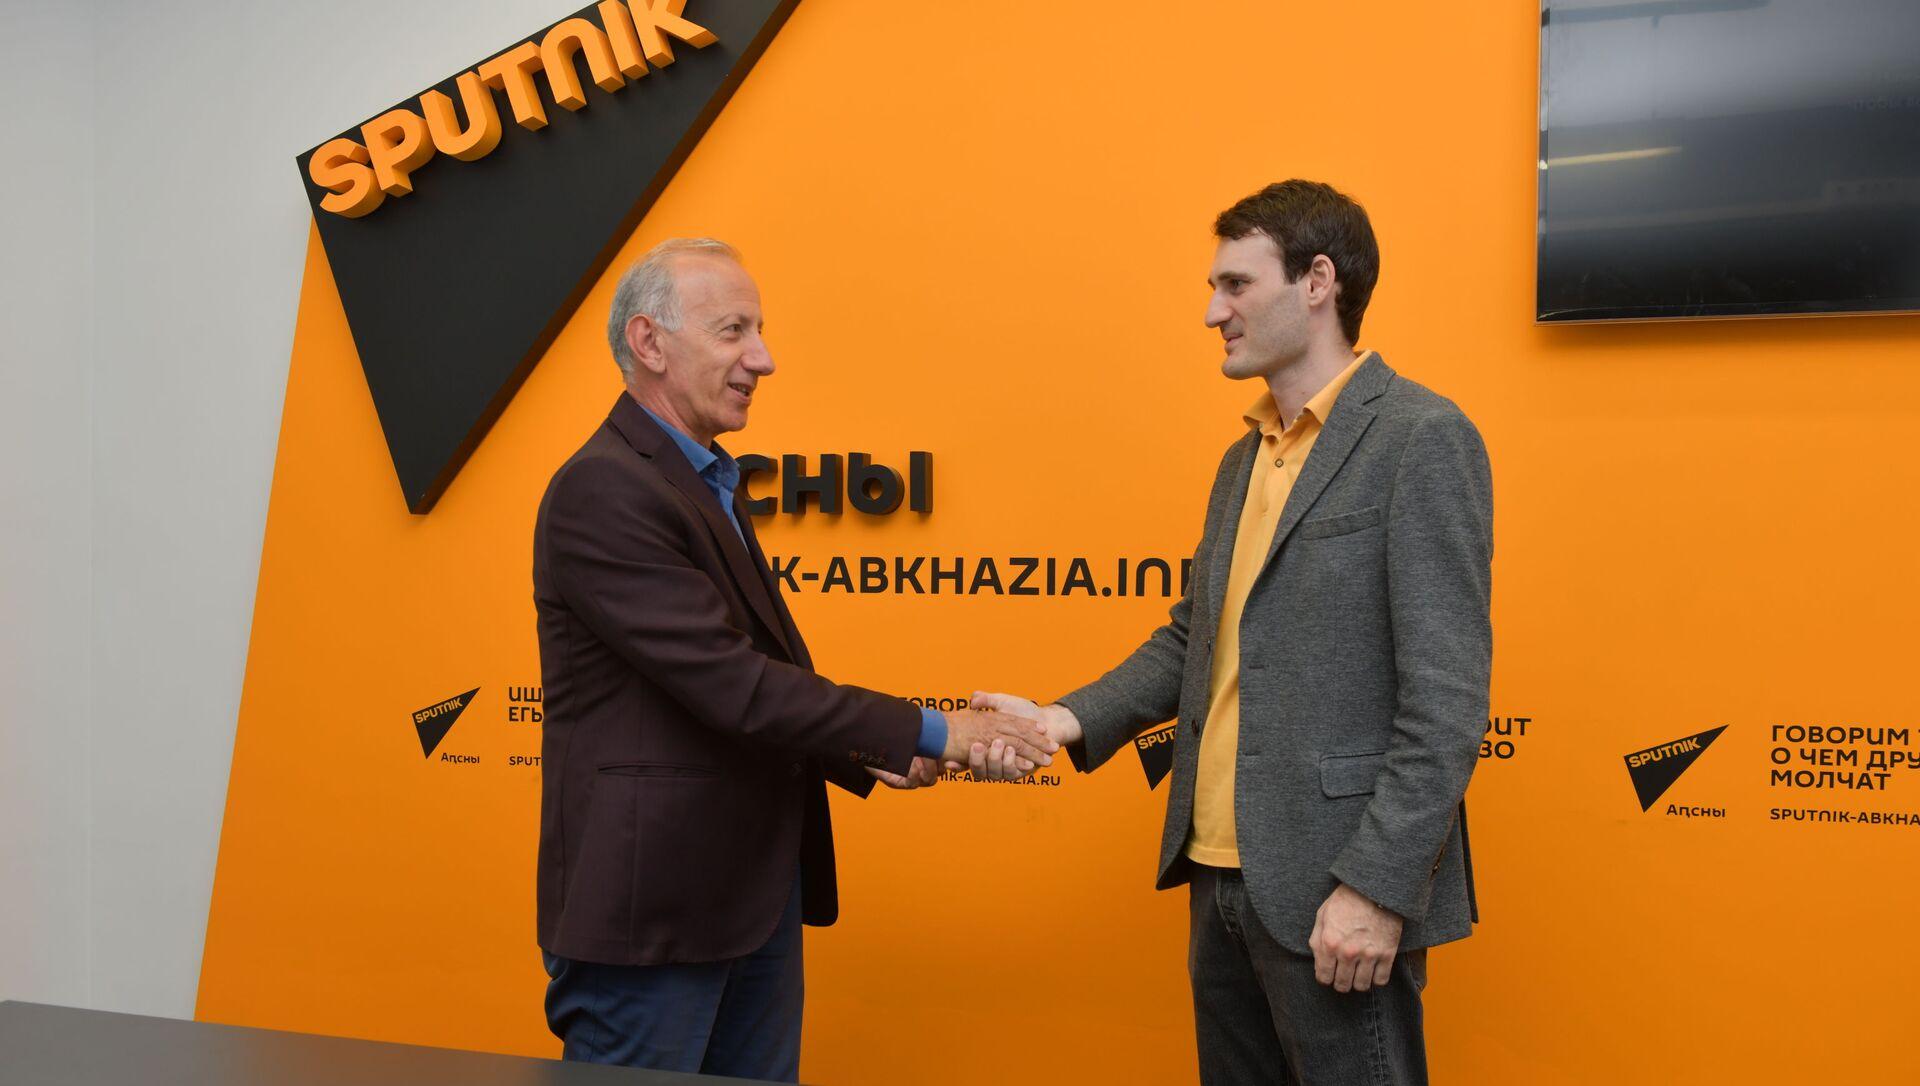 Сотрудники Sputnik стали членами Союза журналистов Абхазии  - Sputnik Аҧсны, 1920, 09.09.2021